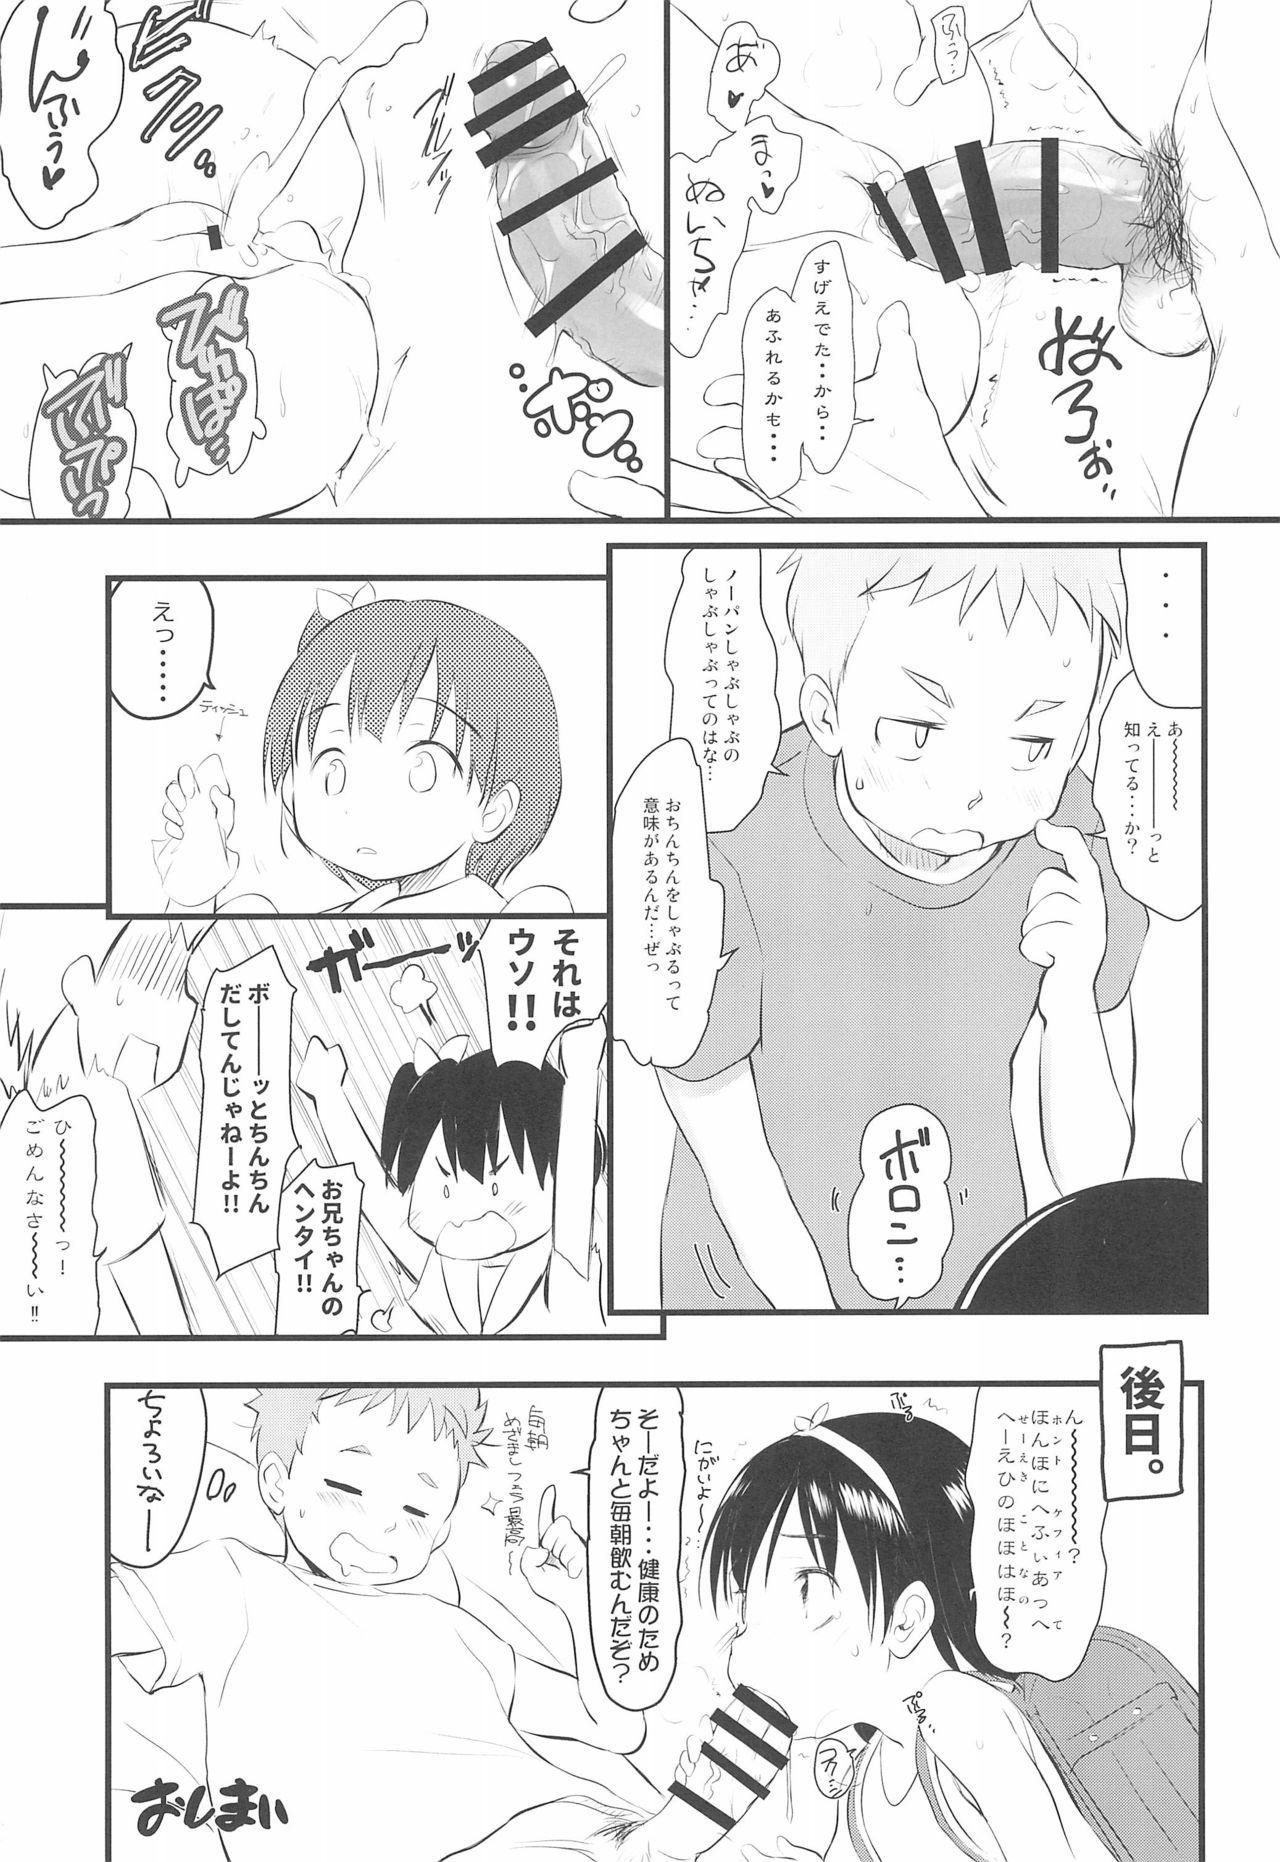 (C96) [Wancho-ke (Wancho)] Chisha-chan ni Shikarareru! Imouto wa Minna Onii-chan ga Daisuki! 5.55 16